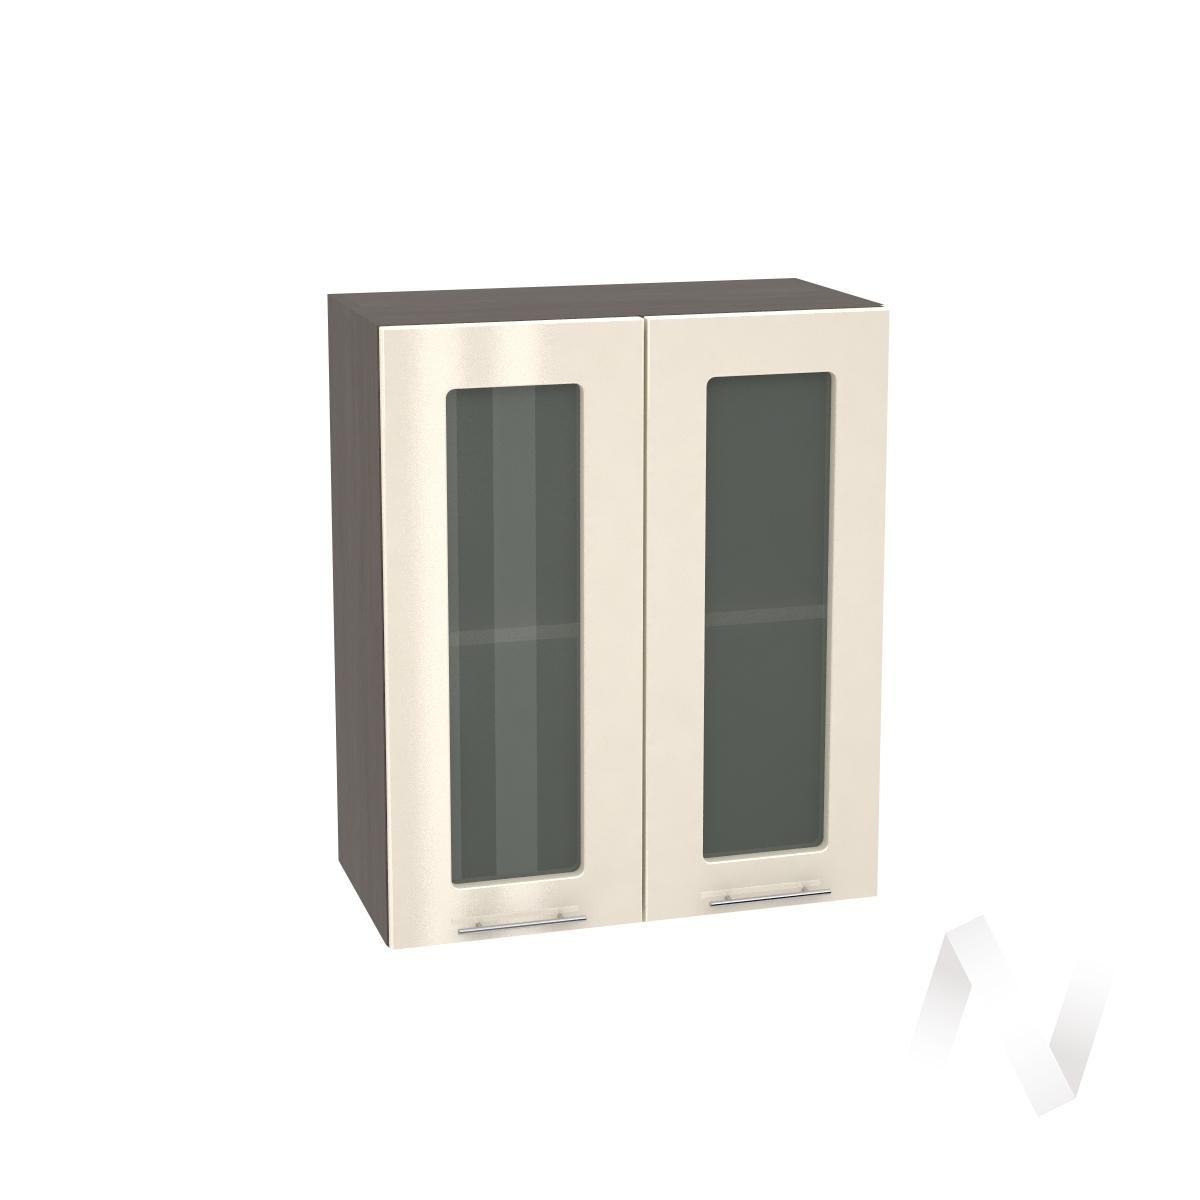 """Кухня """"Валерия-М"""": Шкаф верхний со стеклом 600, ШВС 600 новый (Ваниль глянец/корпус венге)"""